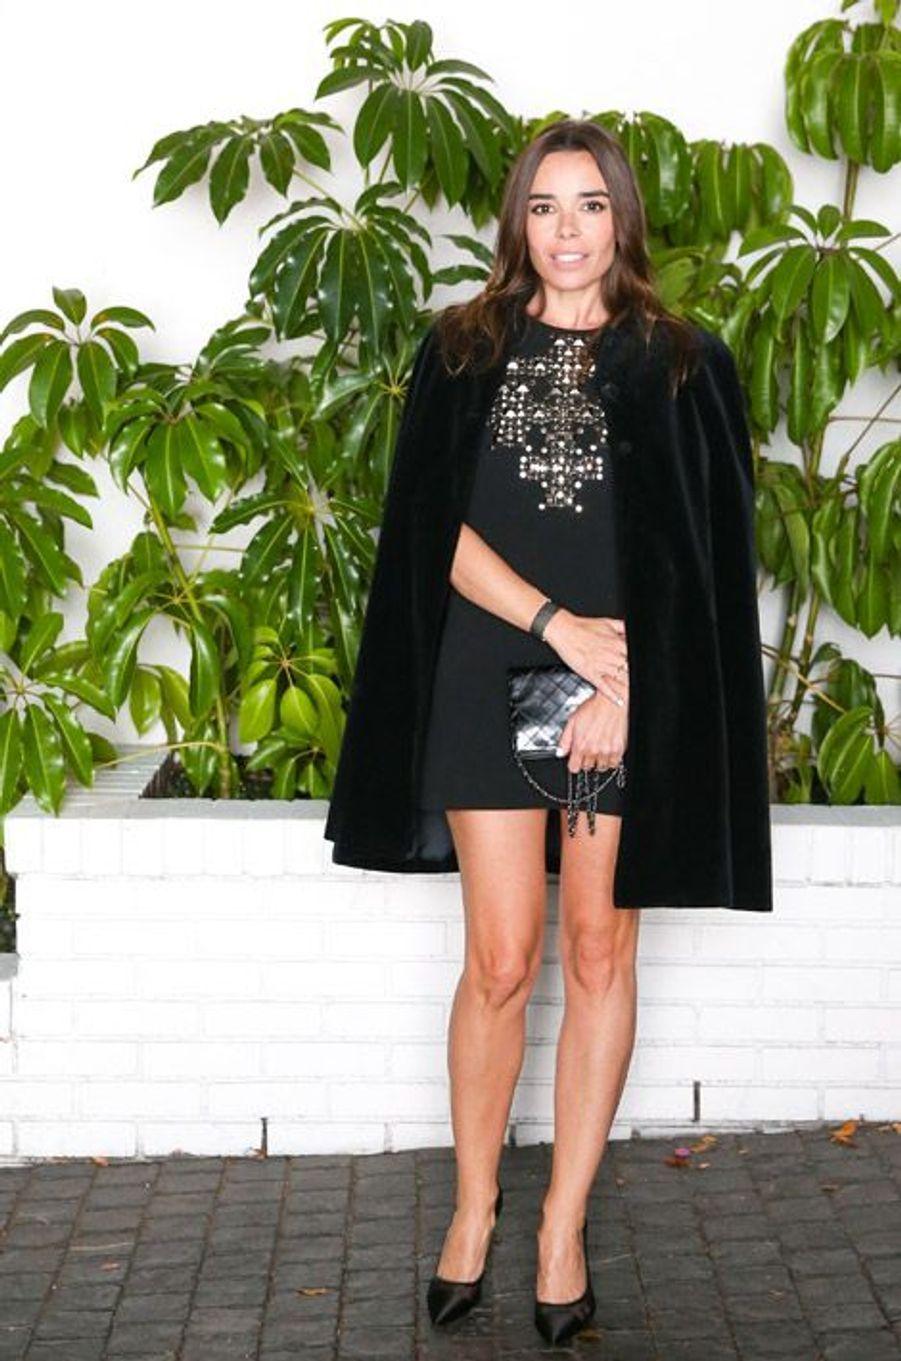 L'actrice Elodie Bouchez lors d'une soirée à Los Angeles, le 10 novembre 2014